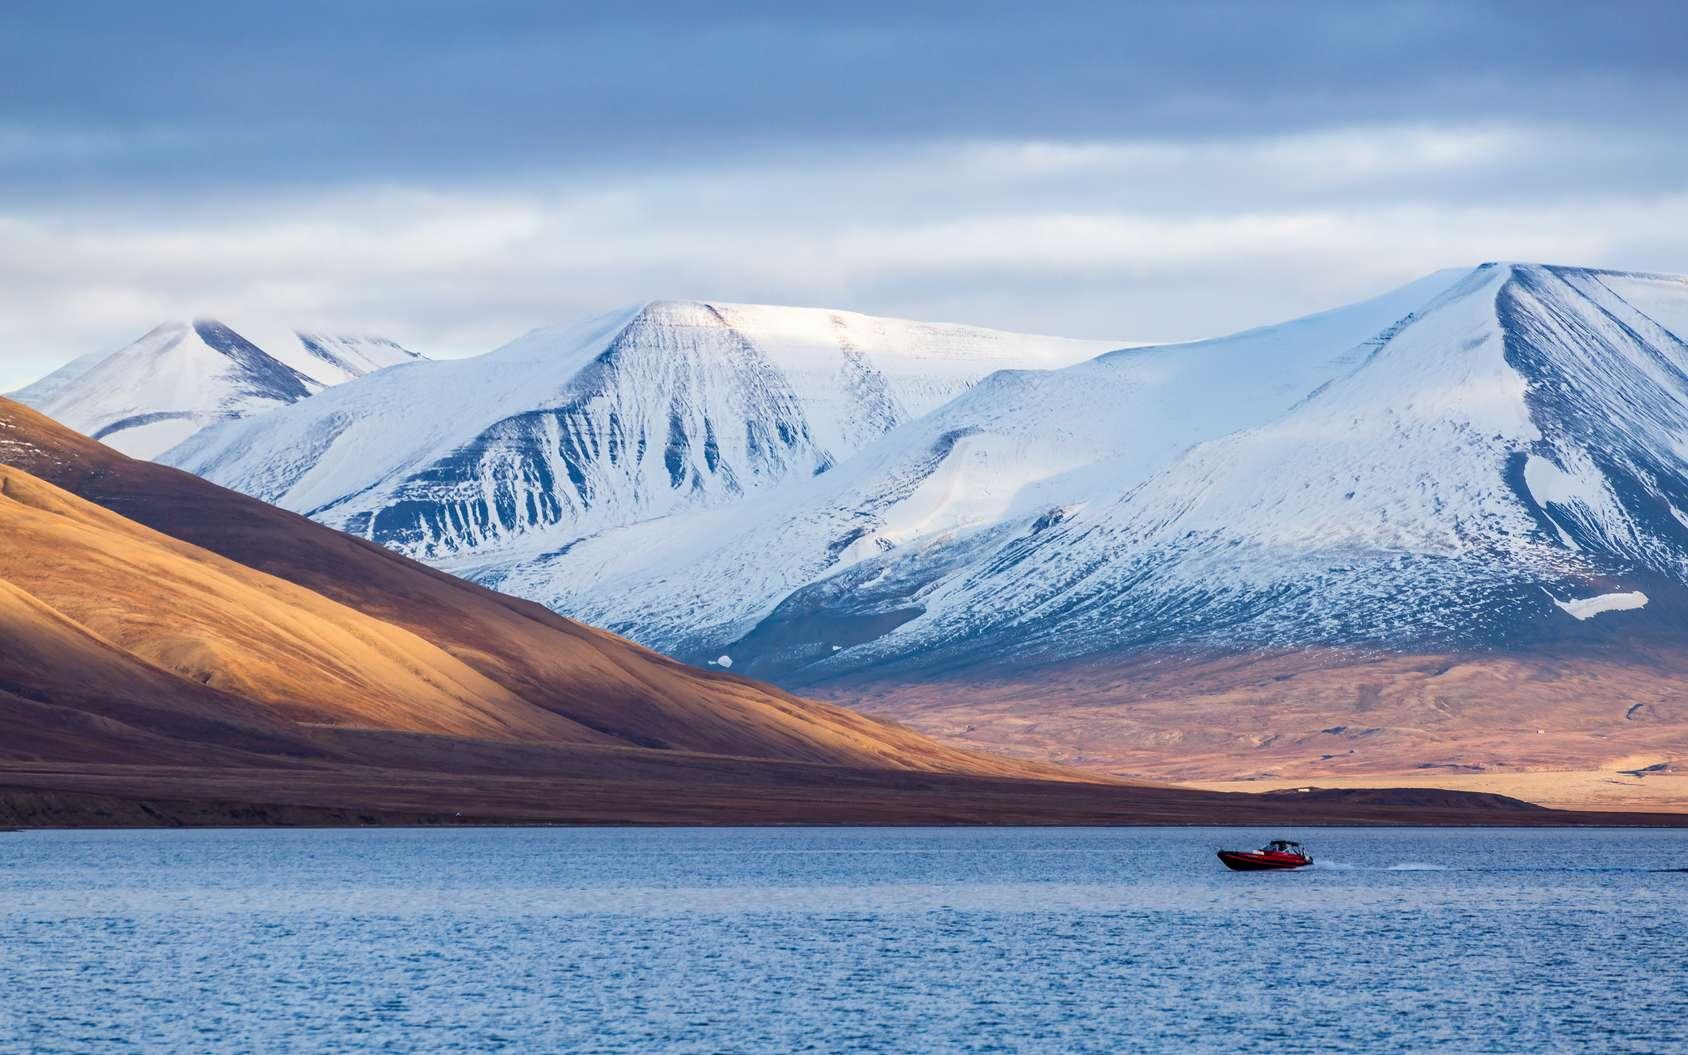 C'est sur l'archipel du Svalbard (Norvège), tout au nord de l'océan Atlantique, qu'a été lancé le projet de Réserve mondiale de semences, destiné aux générations futures. © Morten, Fotolia